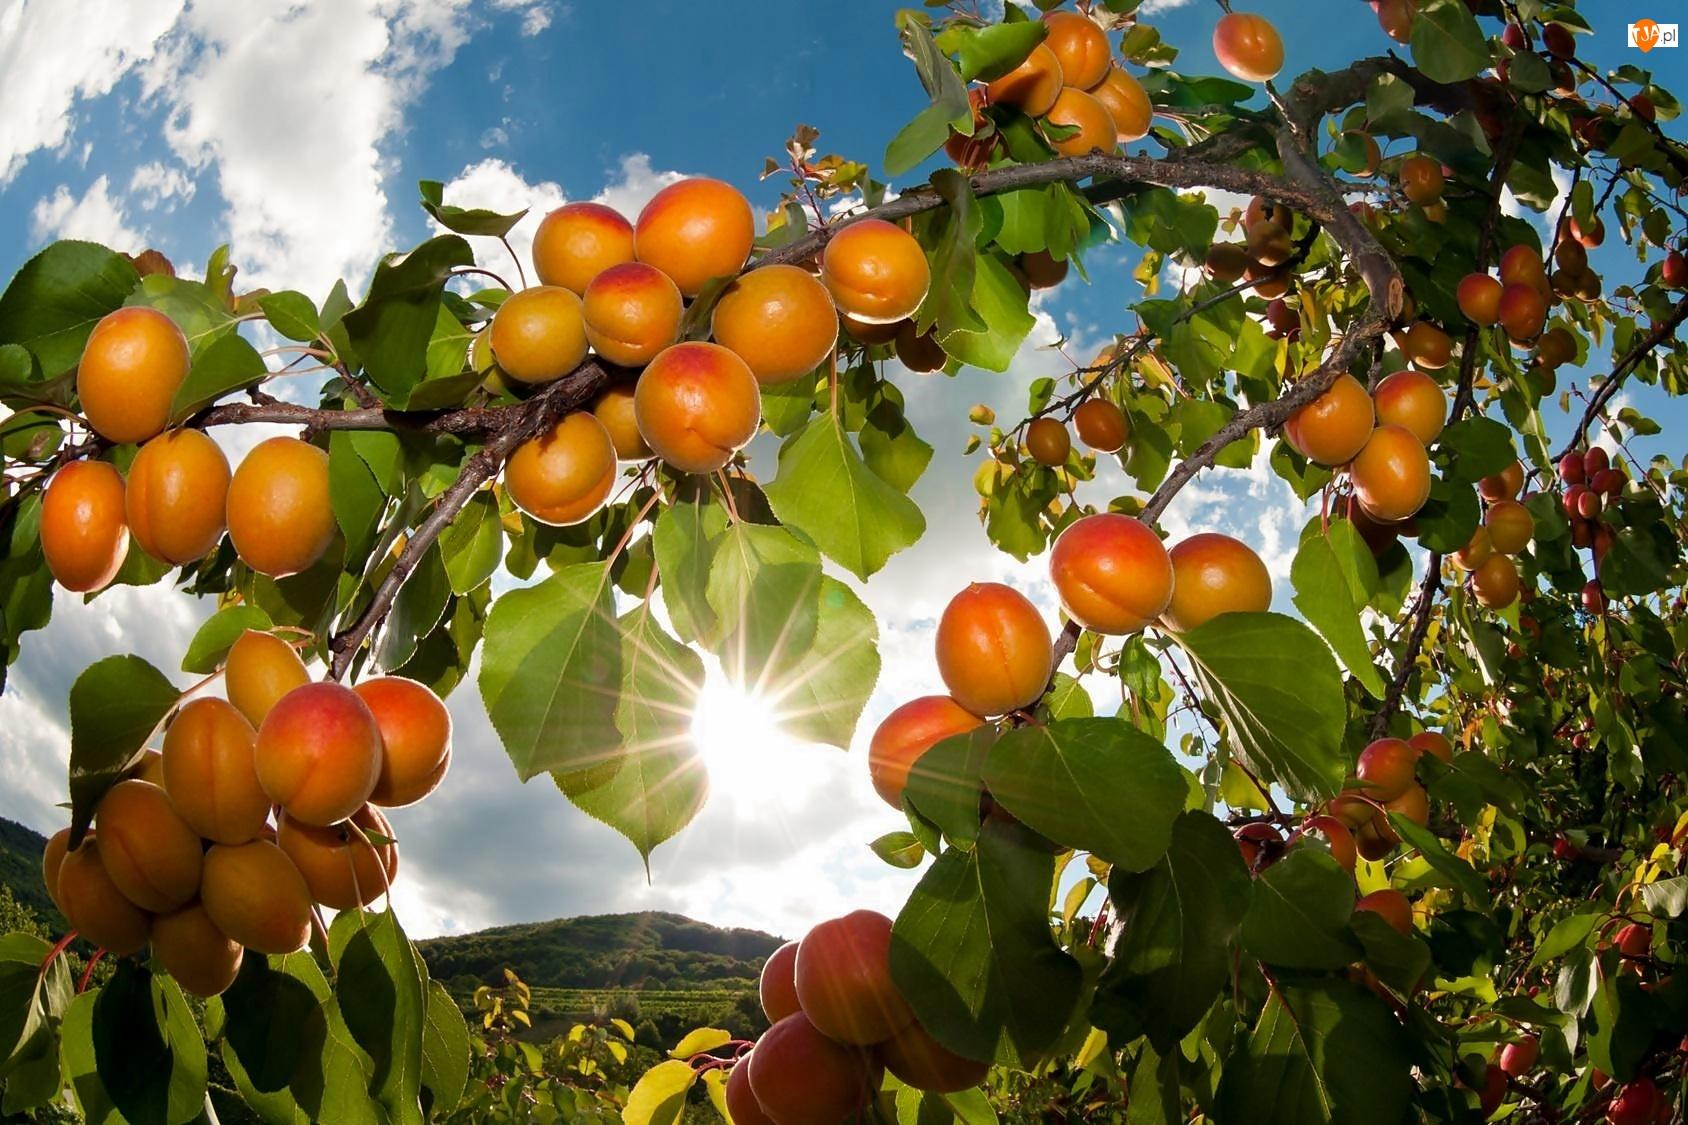 Słońca, Drzewko, Owoce, Morelowe, Promienie